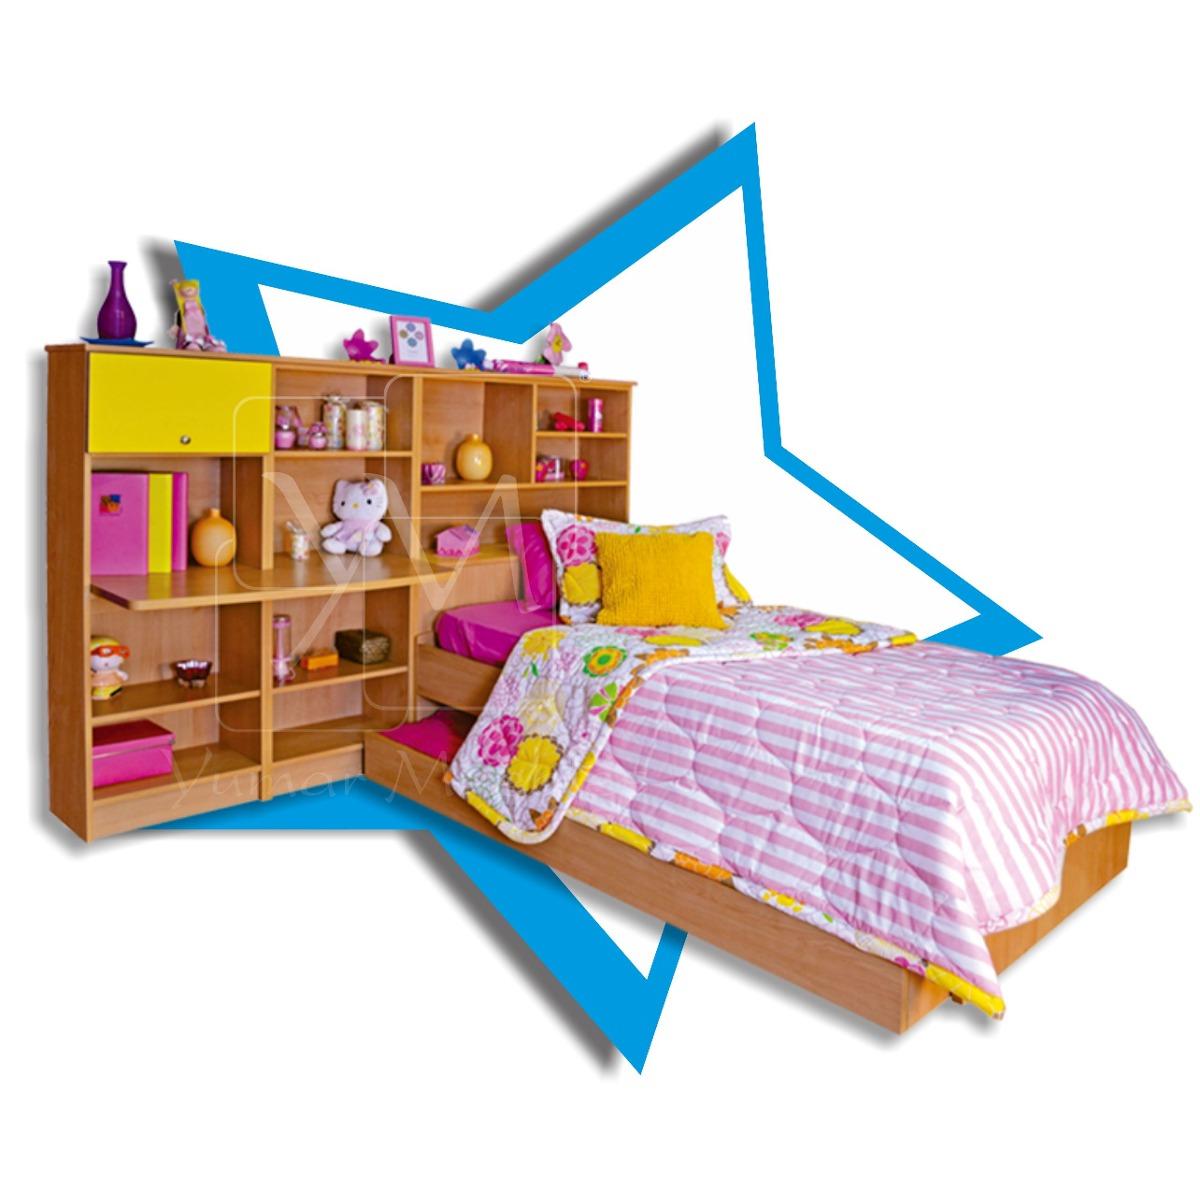 Juego de cuarto para ni a de yumar muebles modelo sabrina - Muebles para cuarto de nina ...